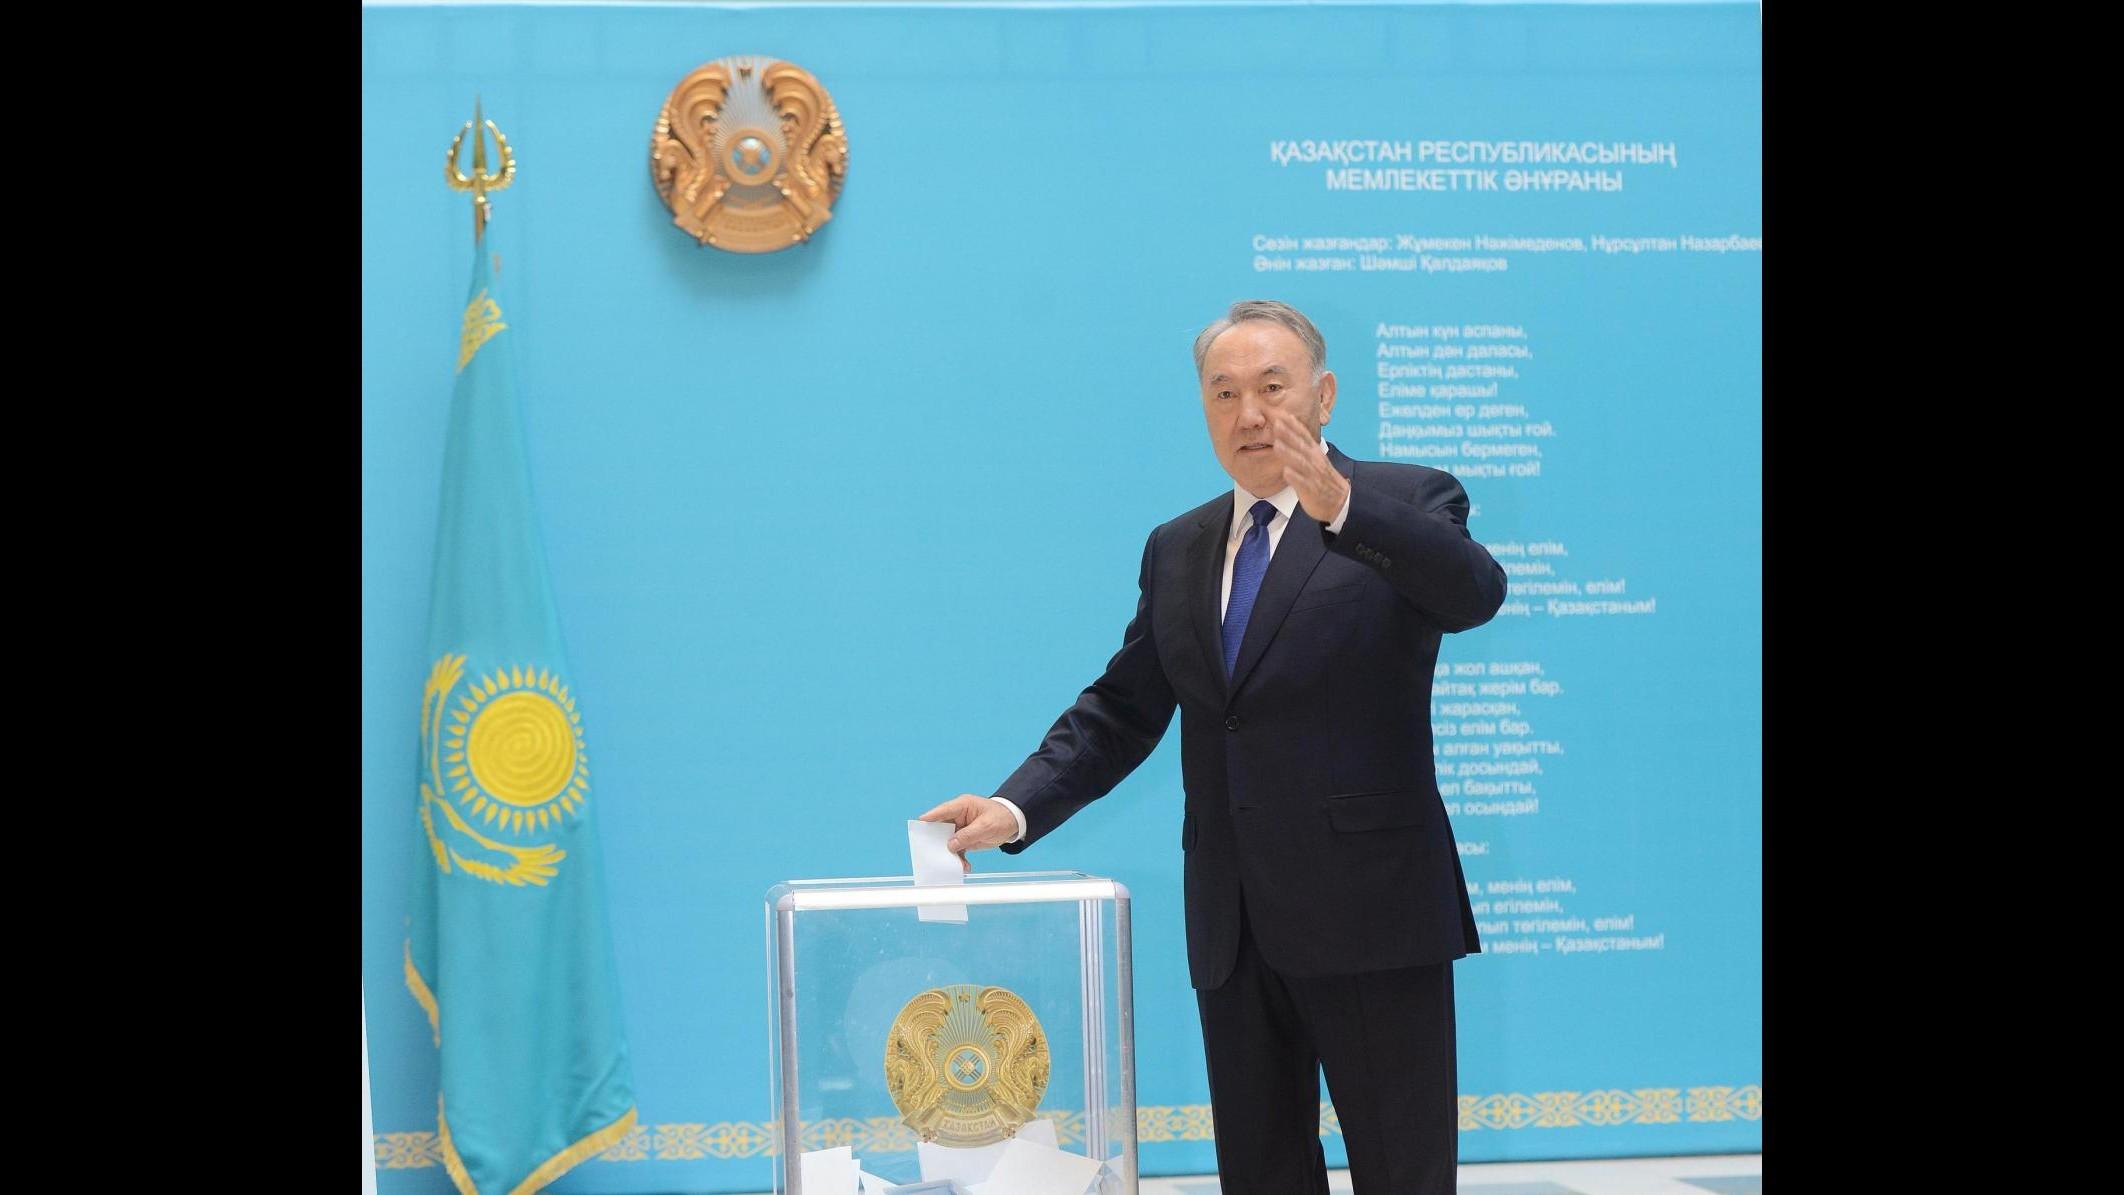 Kazakistan, elezioni: Nazarbayev resta presidente con 97,7% voti